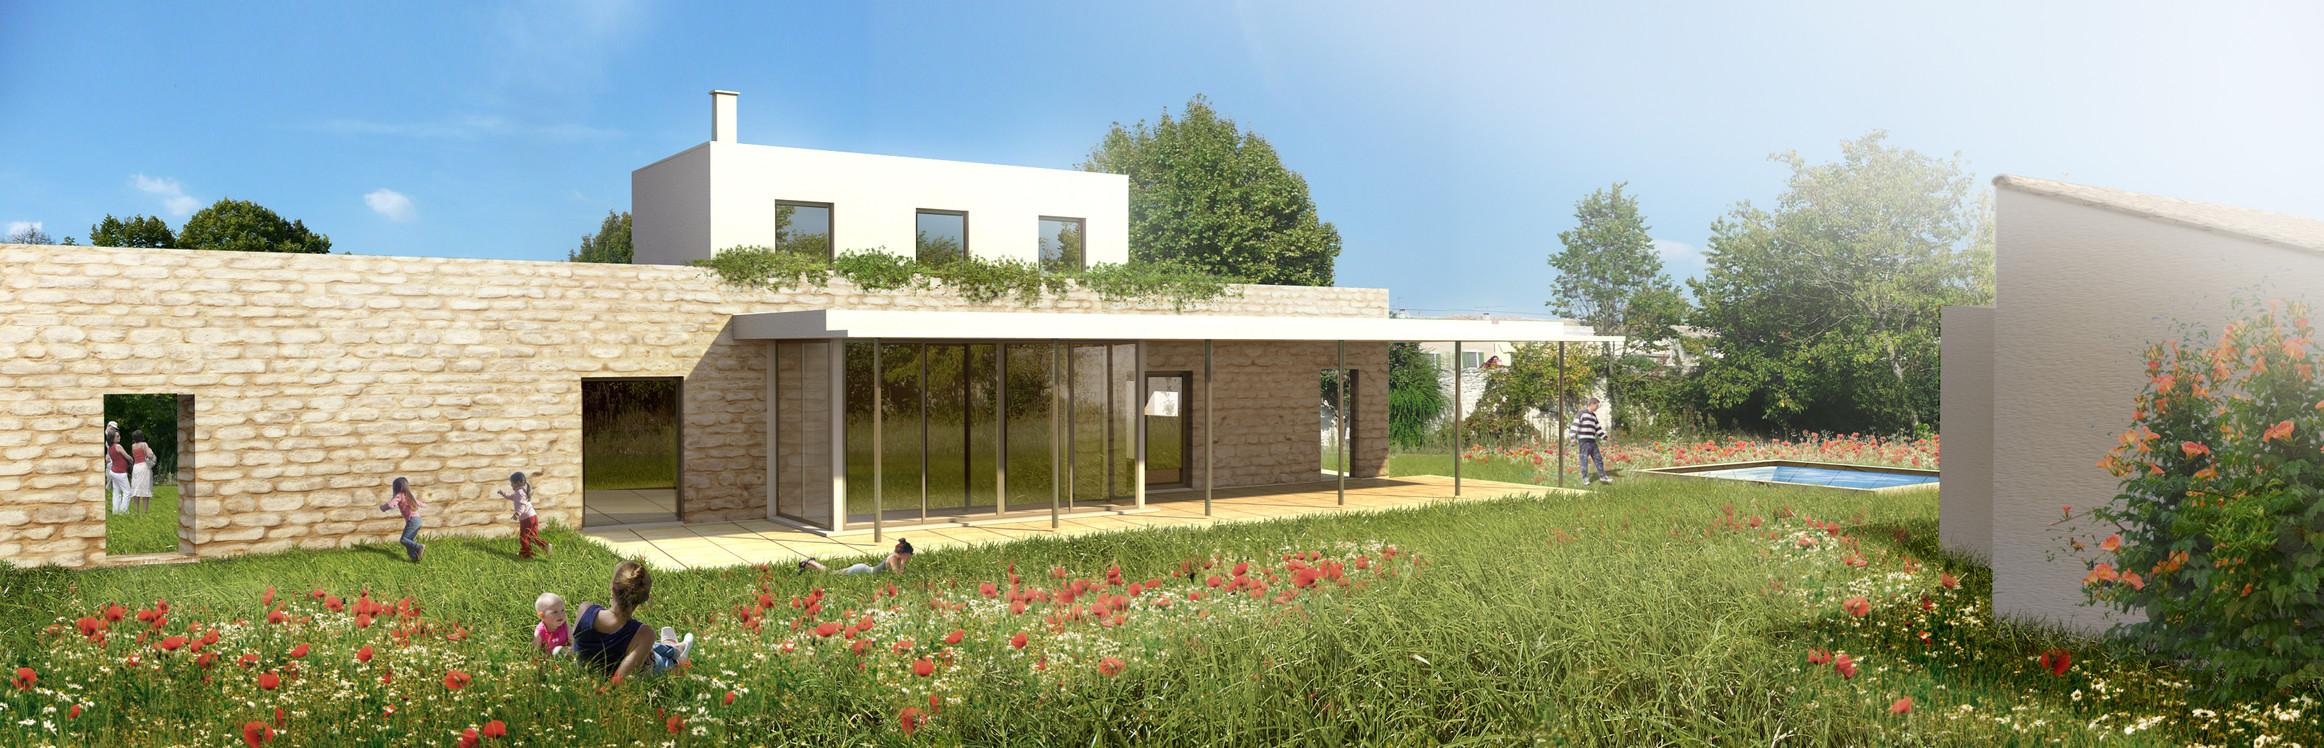 Maison individuelle - Illustration du PC Michel Escande Architecte